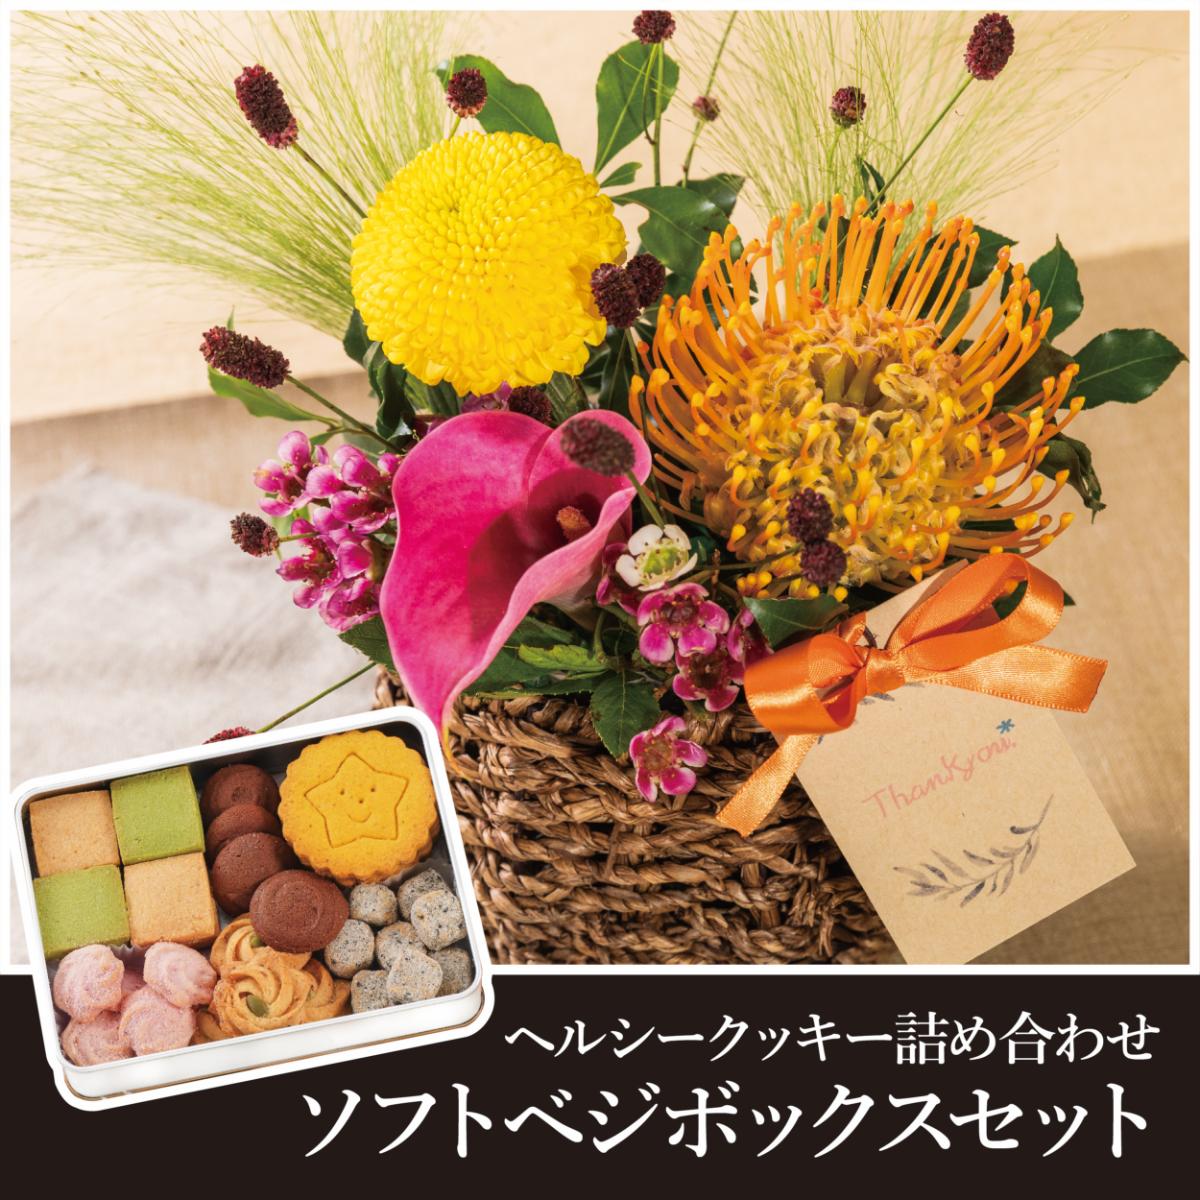 【敬老の日限定販売】生花アレンジメントpetit+ソフトベジボックス